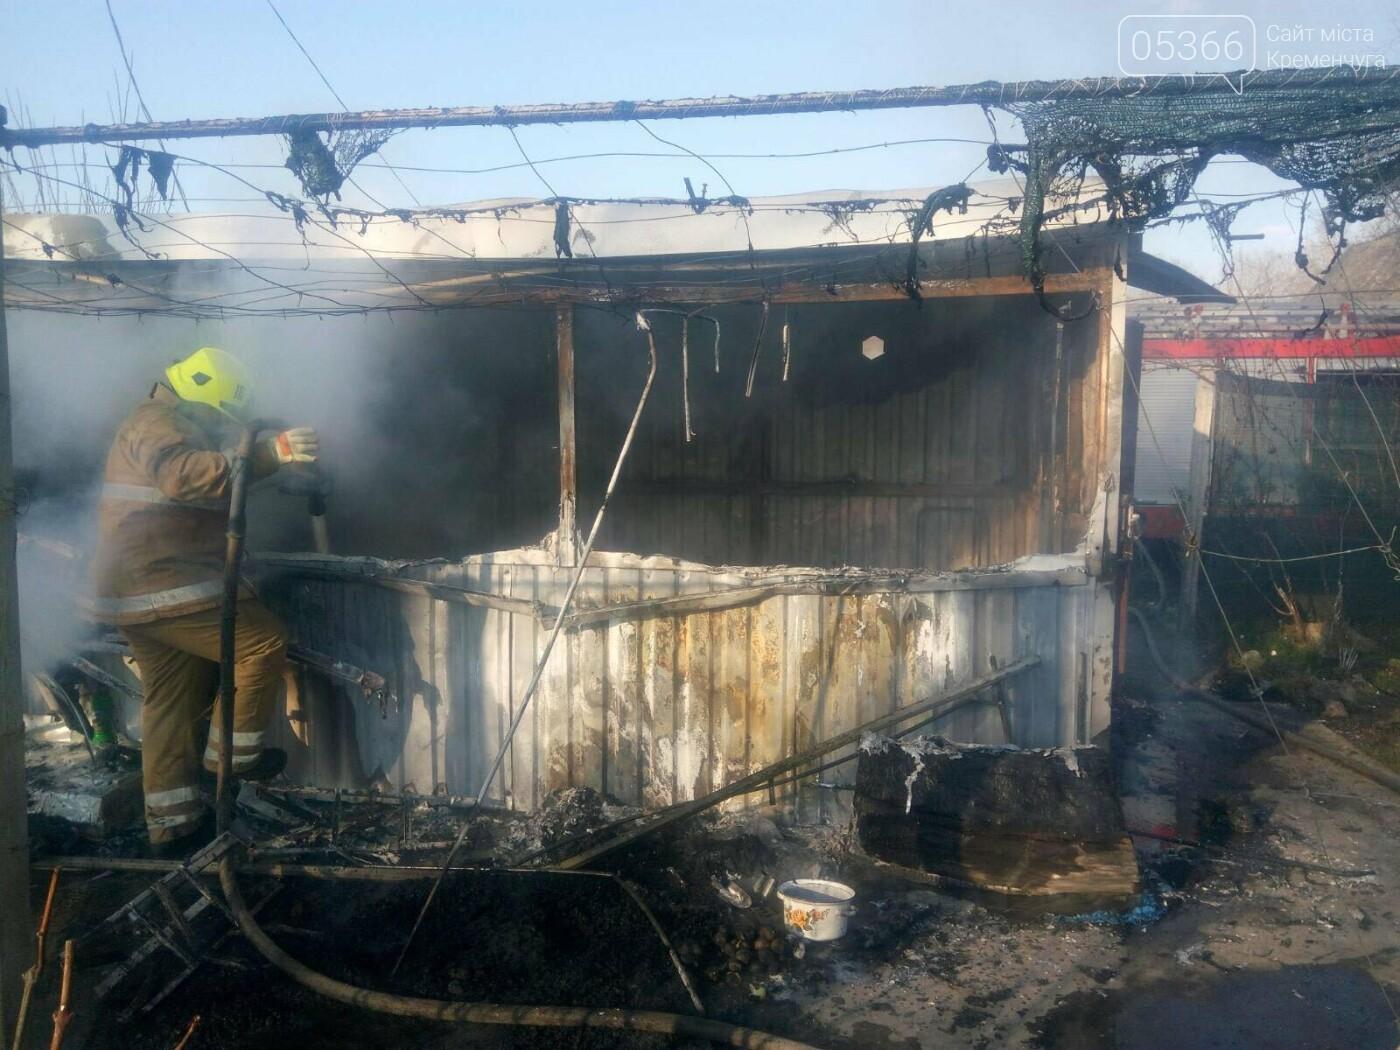 Жінка отримала опіки обличчя і рук : у Кременчуцькому районі сталася пожежа на дачі, фото-3